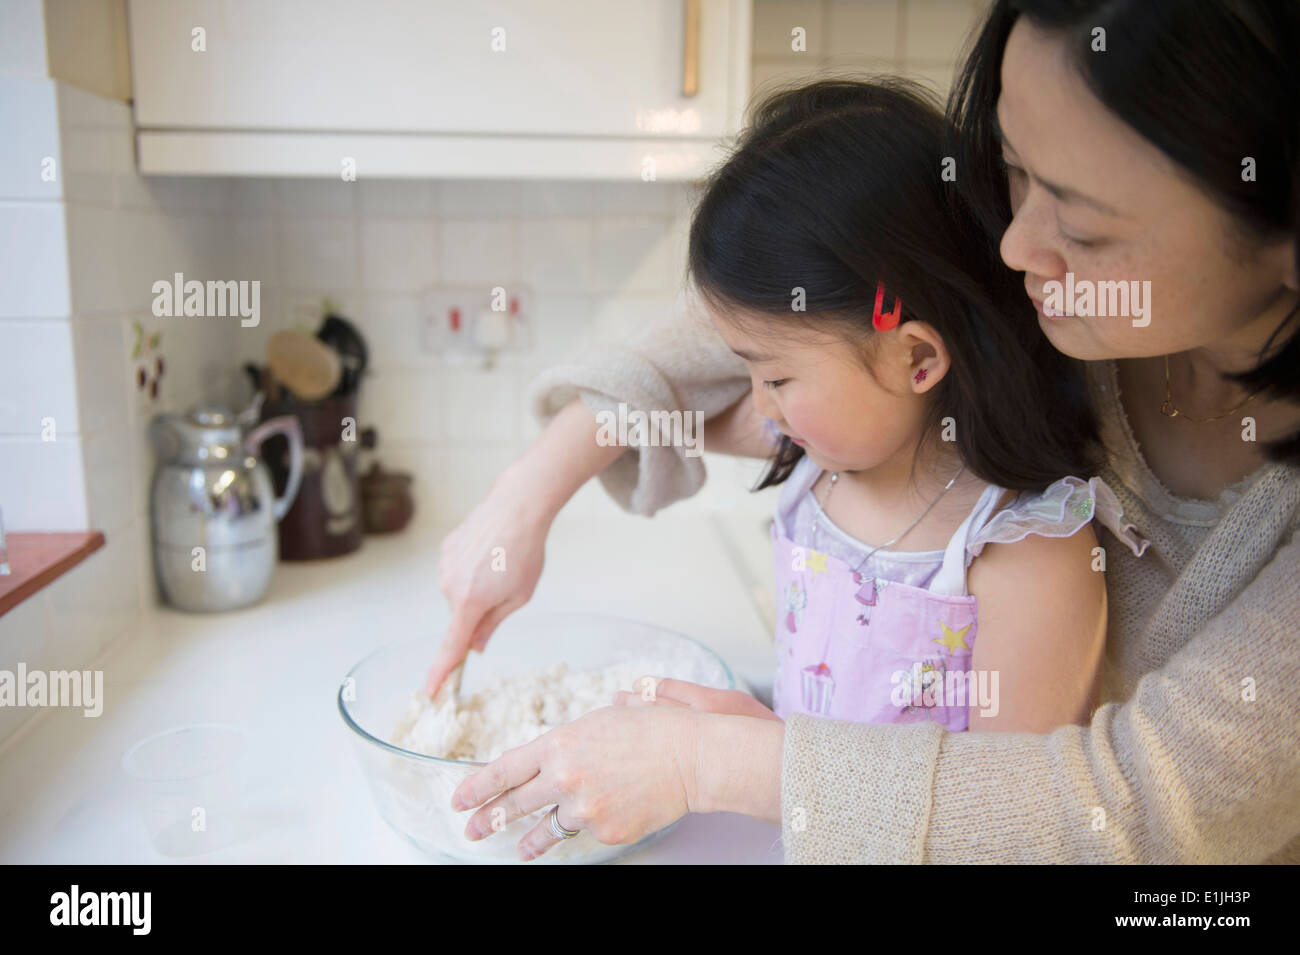 Mutter und Tochter in der Küche, Zutaten in einer Schüssel mischen Stockbild